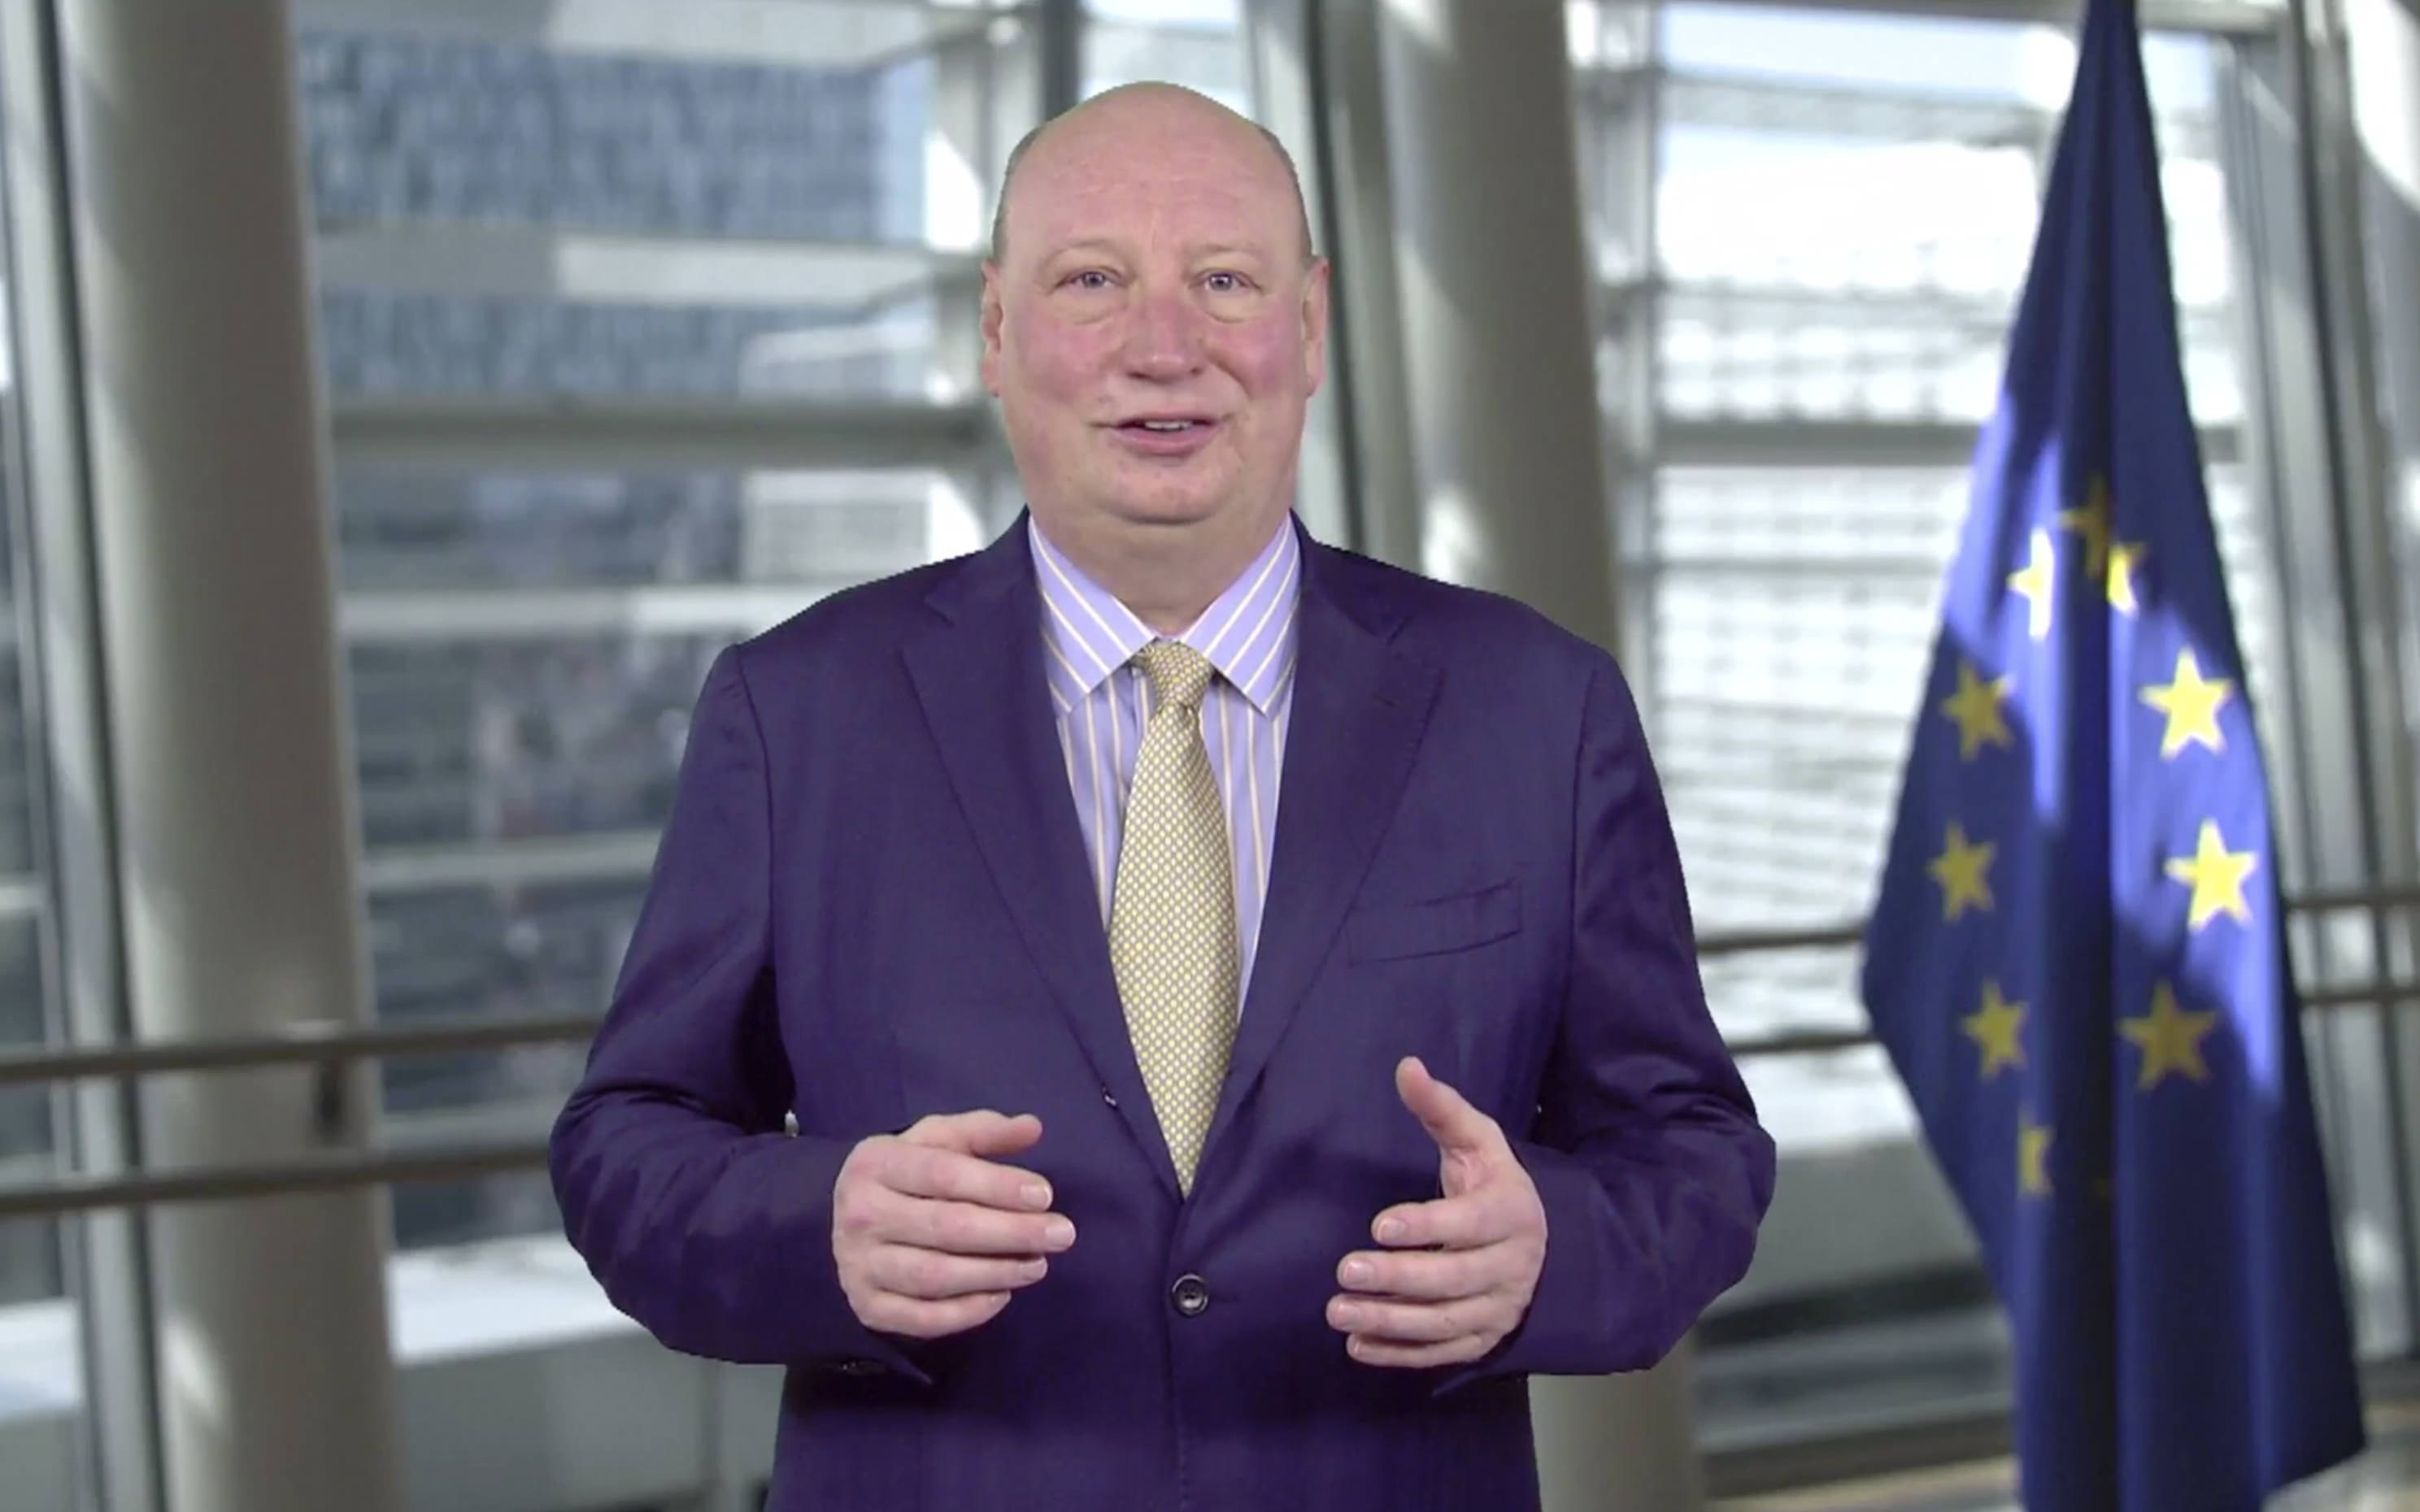 Henrik Hololei, Generaldirektor der EU-Kommission für Mobilität und Verkehr